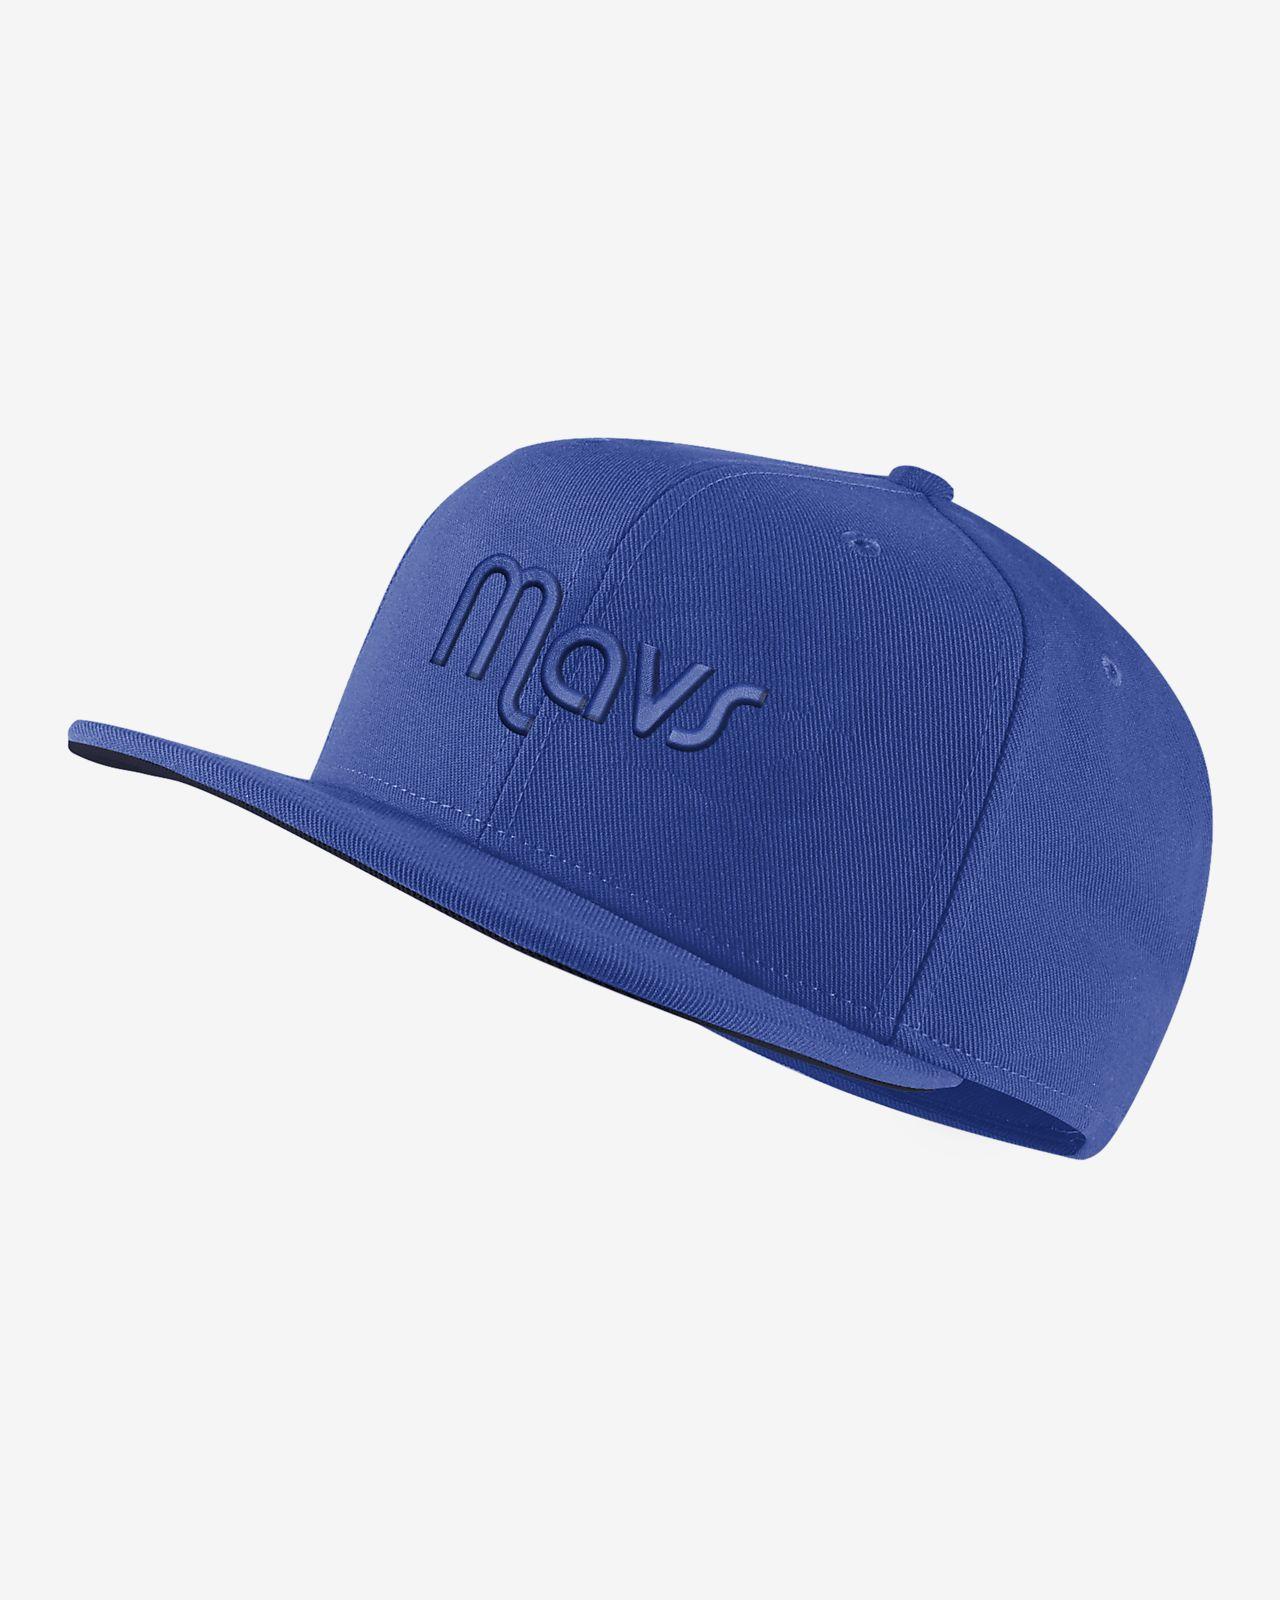 Dallas Mavericks Nike AeroBill NBA-Cap